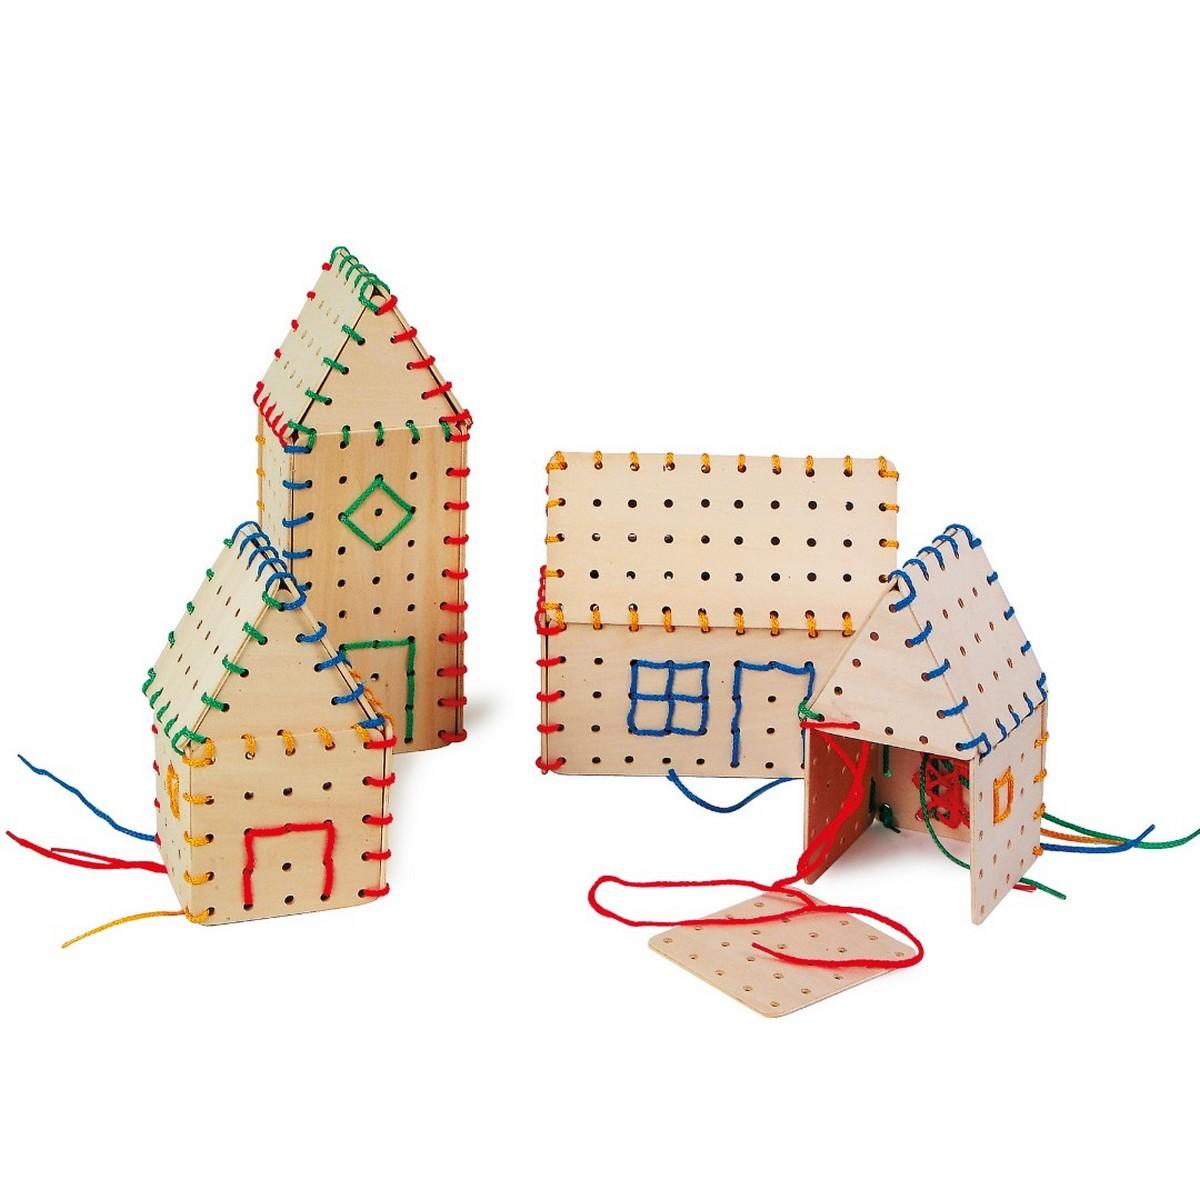 Jeu de construction de maisons en bois avec des fils